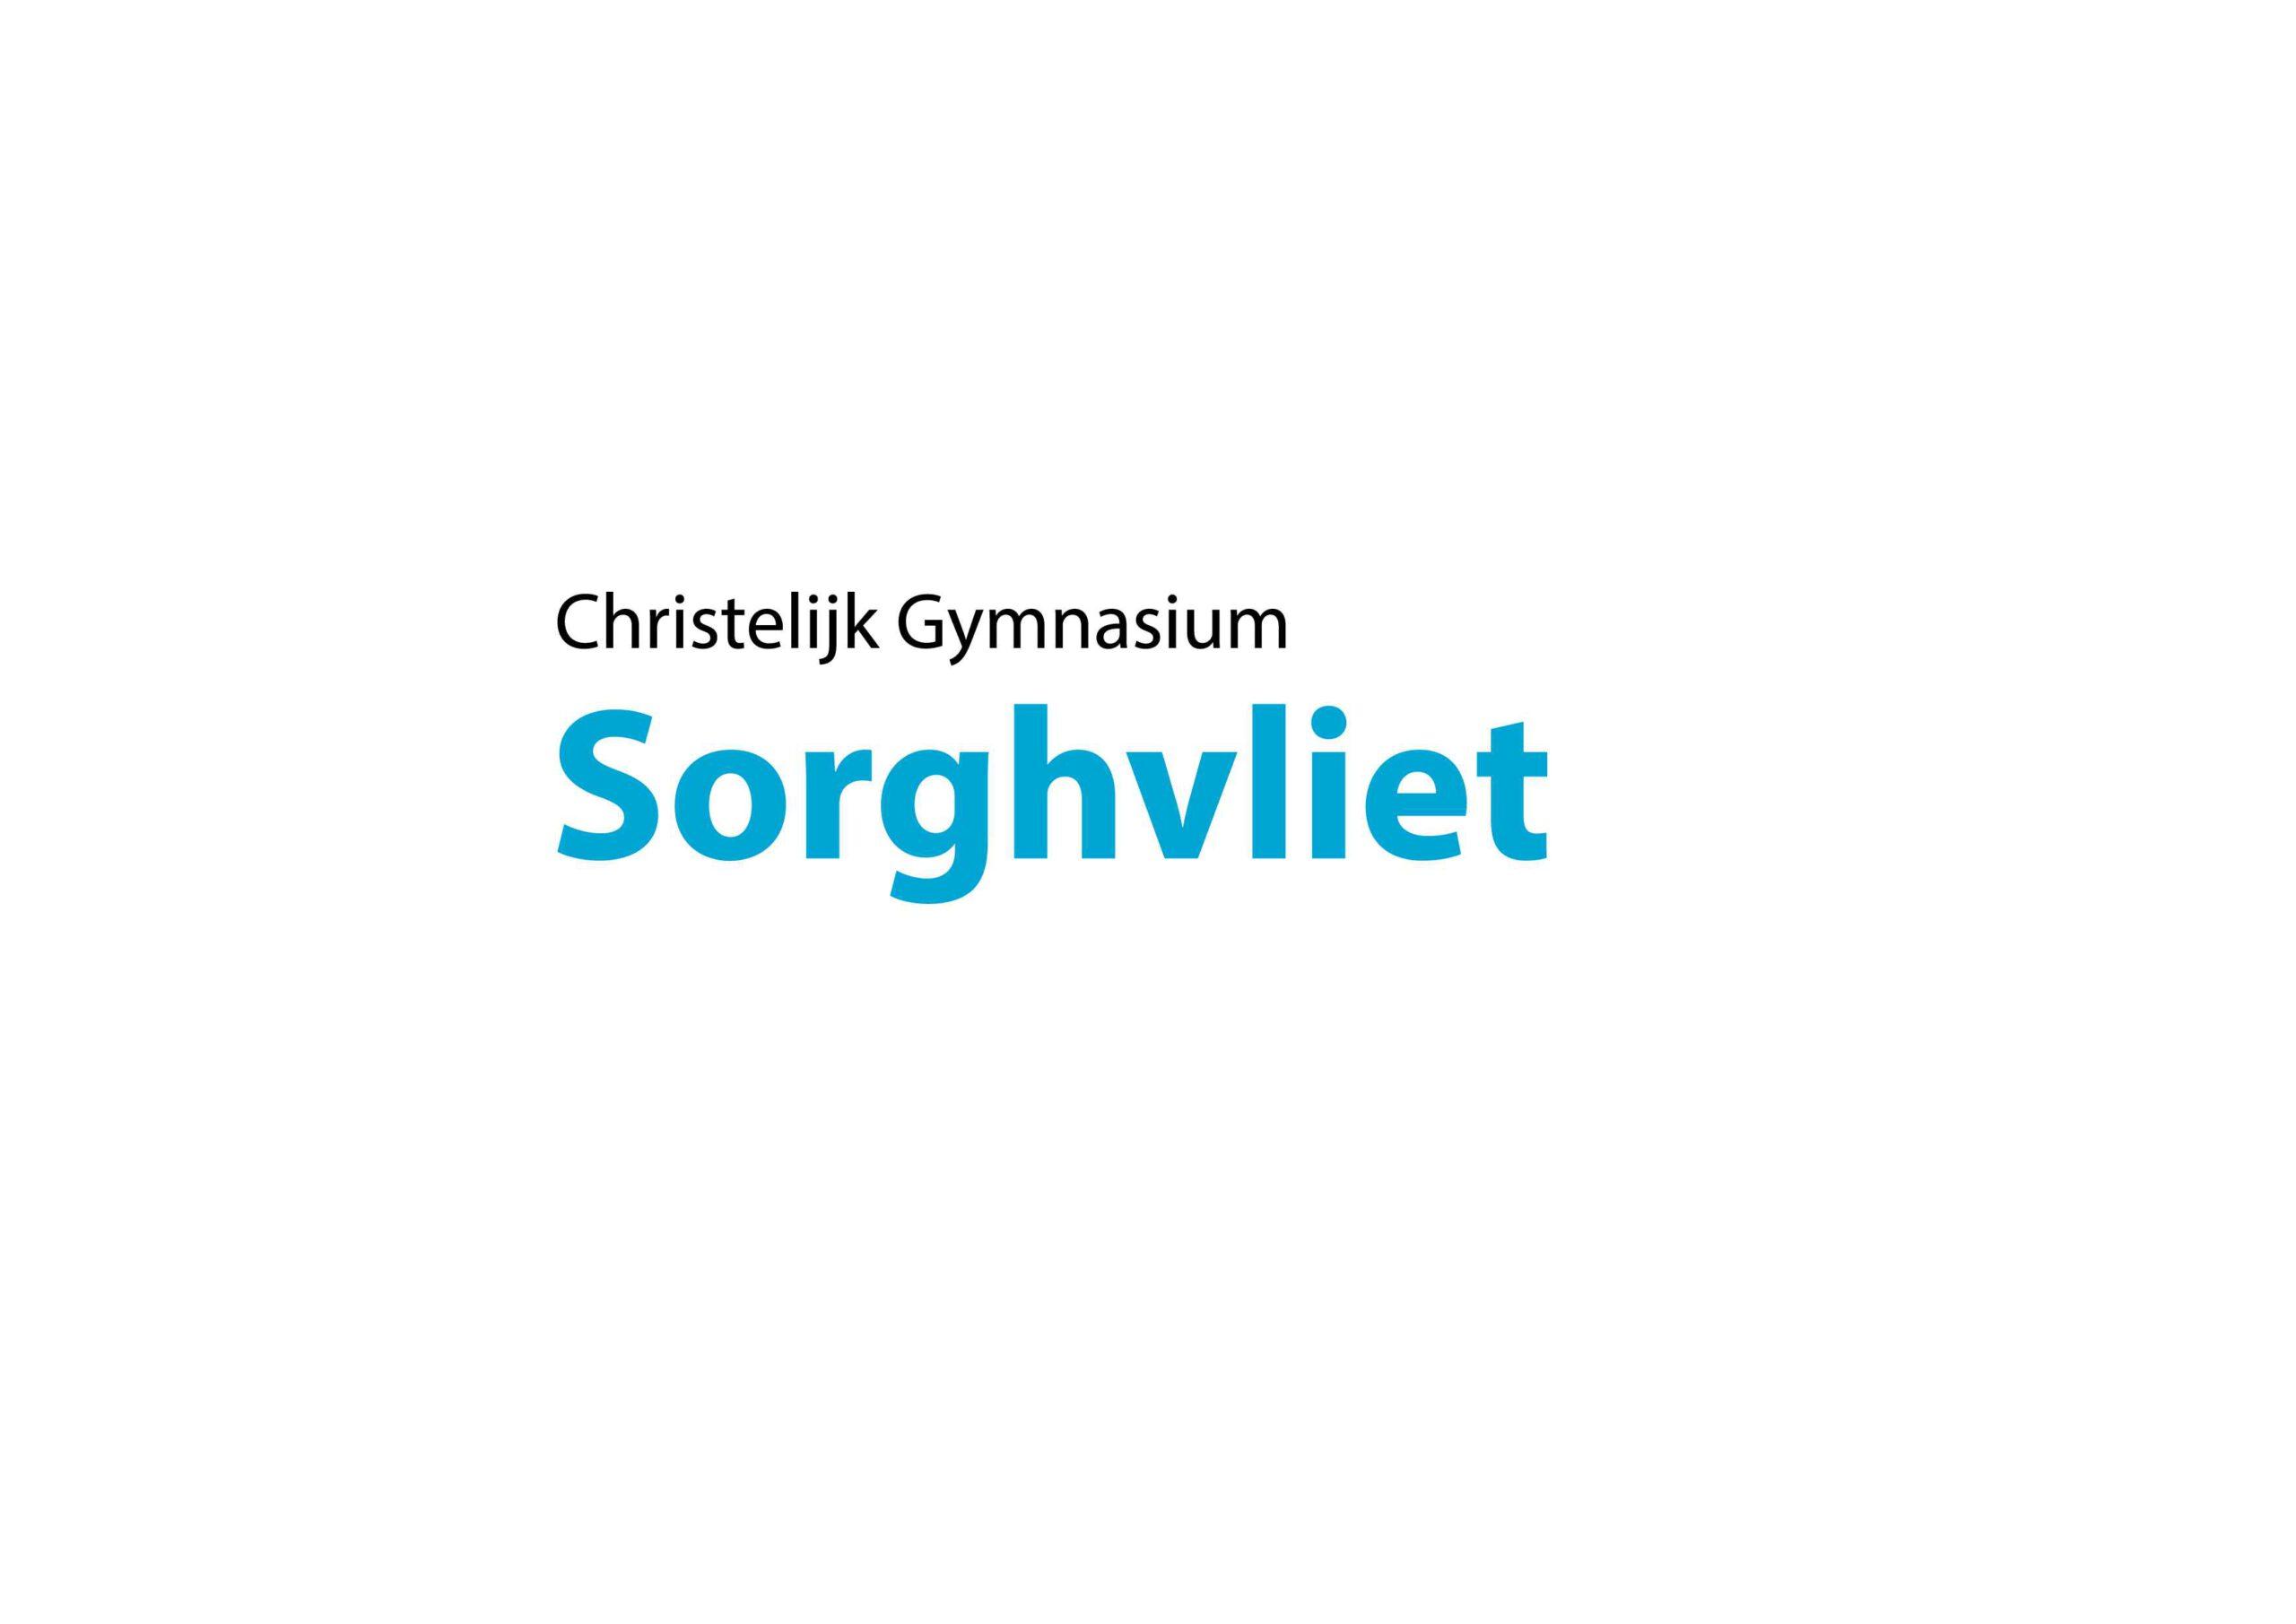 sorghvliet2